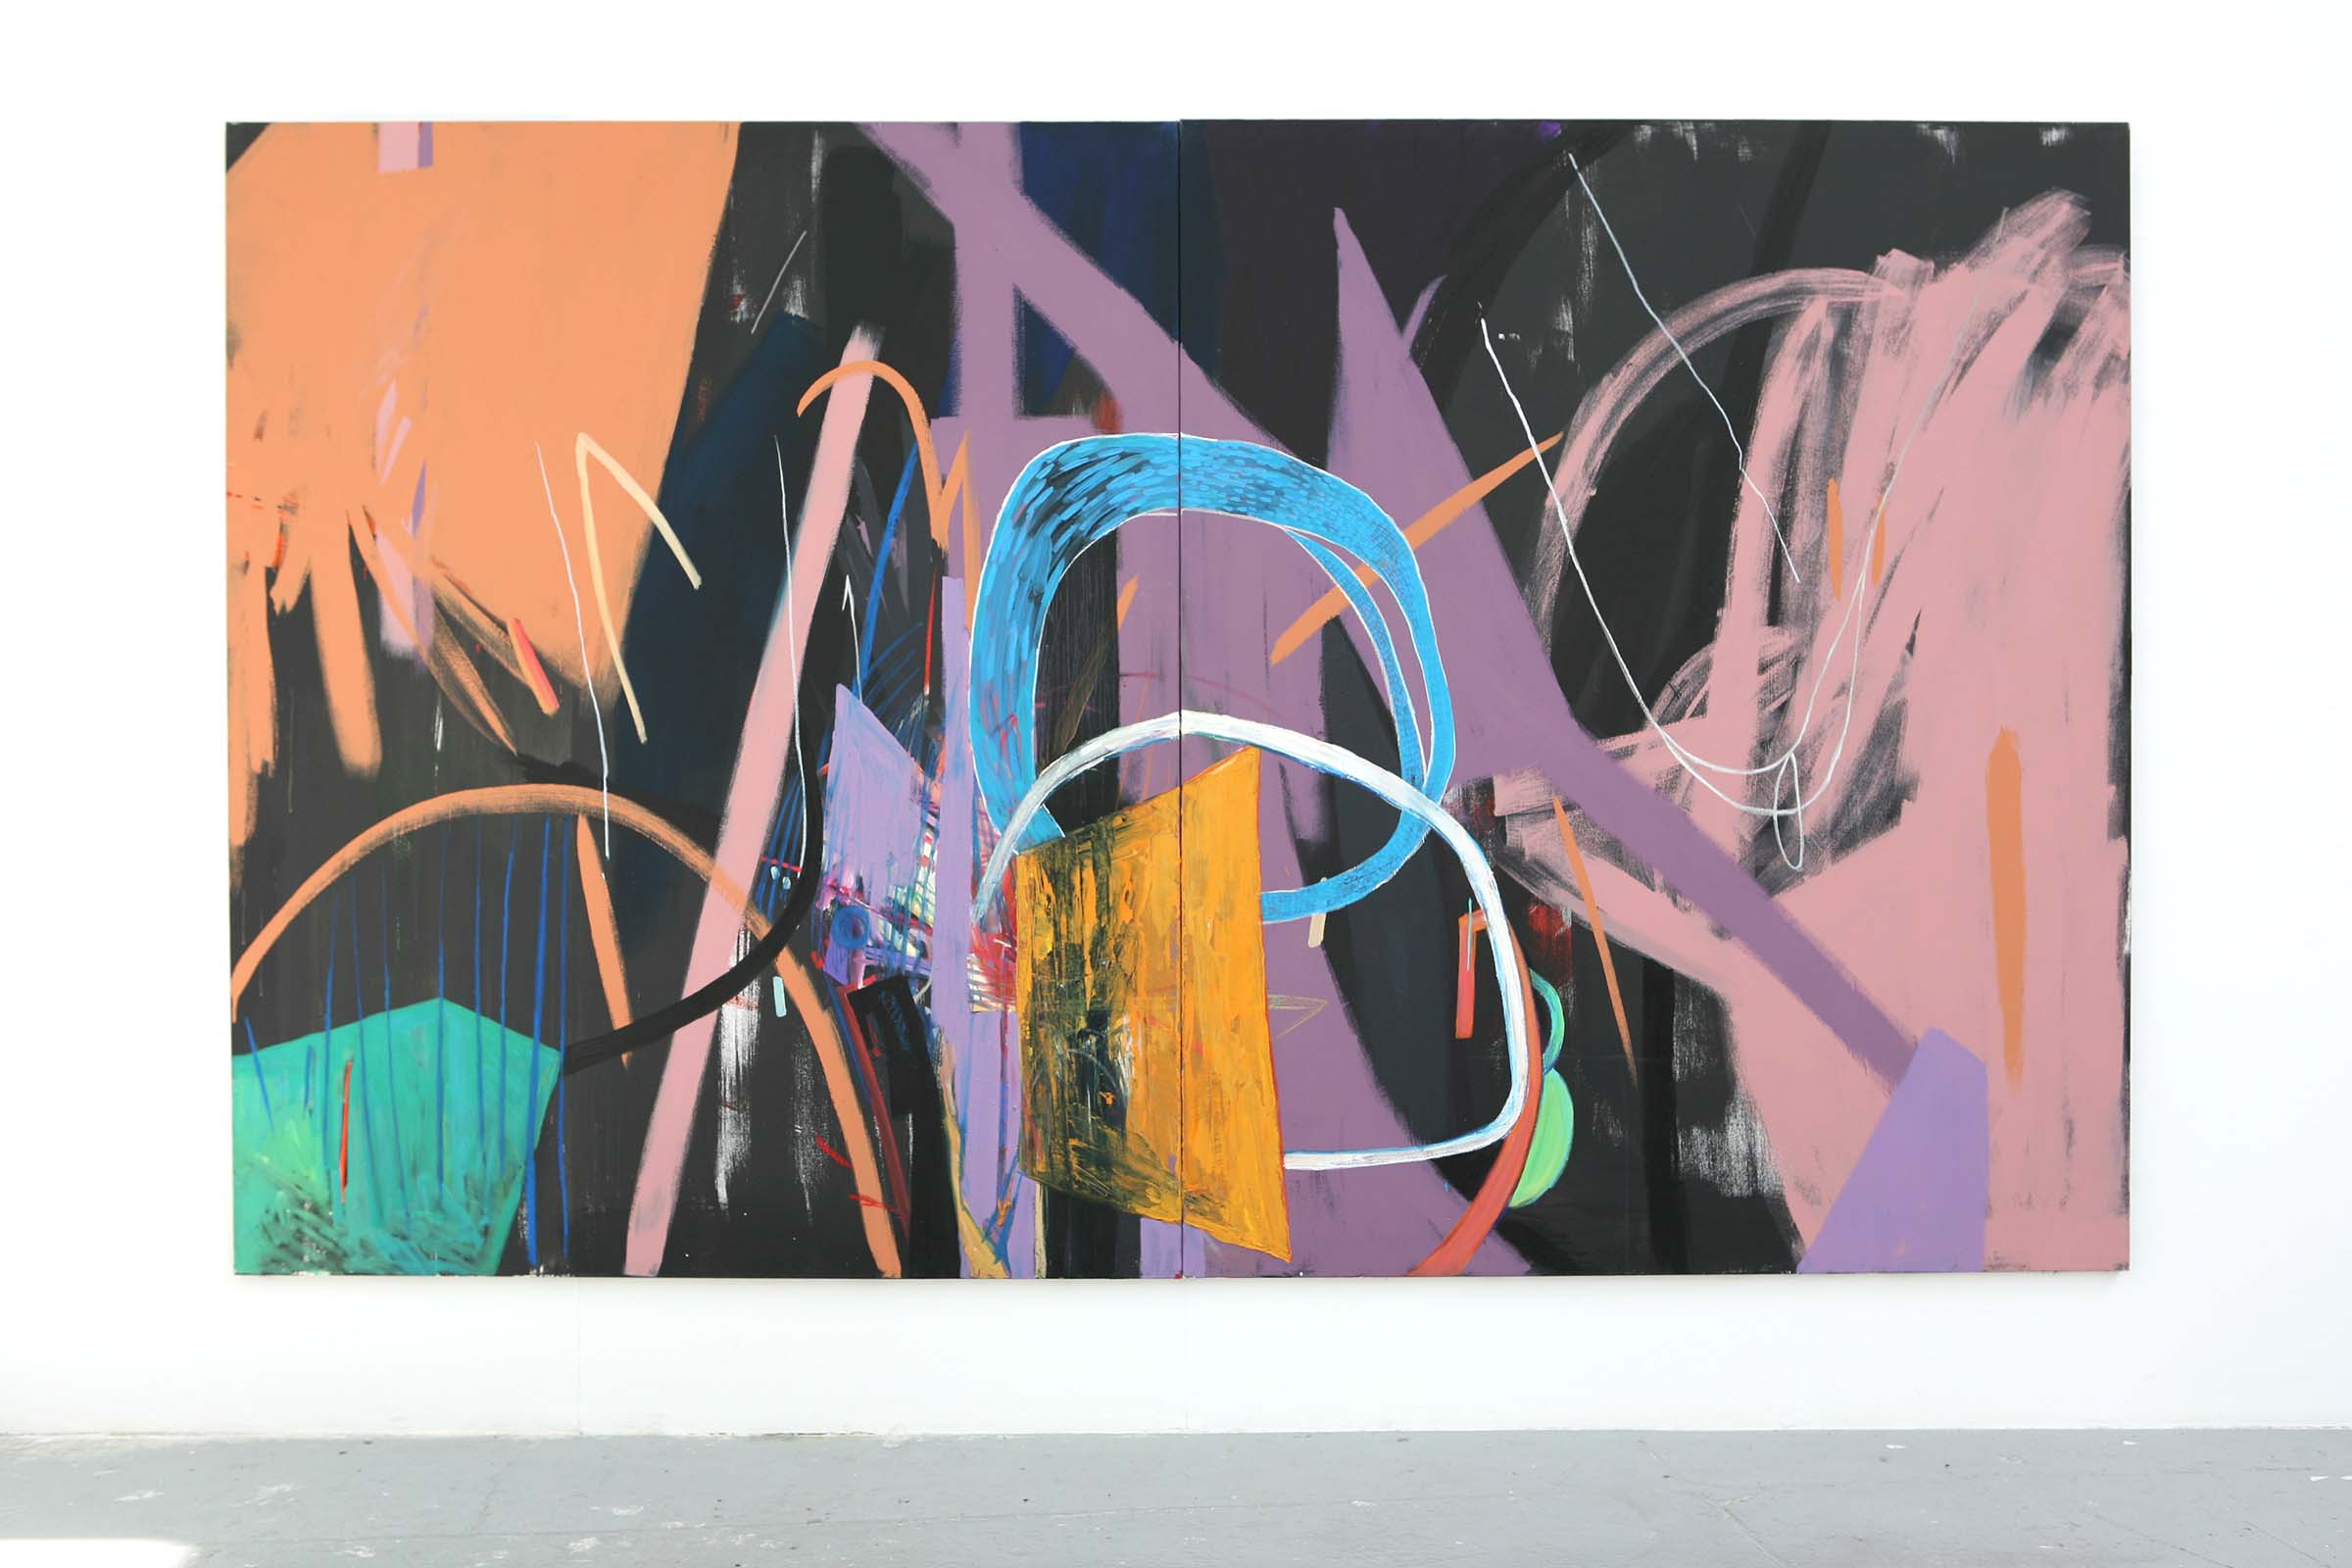 Sin Park, The Shape of Evidence, 230x380cm,acrylic, oil pastel, oil on canvas, 2017